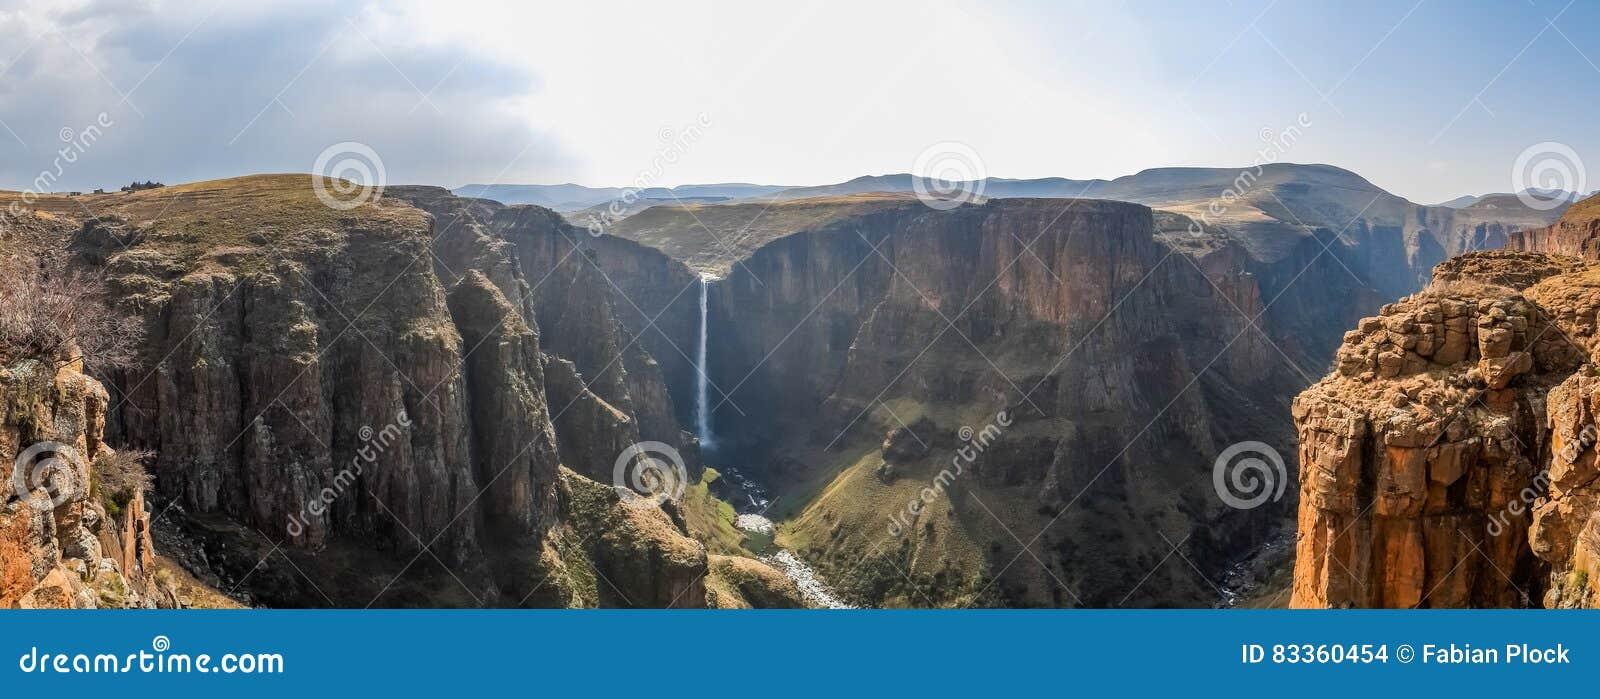 Panorama Maletsunyane spadki wielki jar w górzystych średniogórzach blisko Semonkong i, Lesotho, Afryka